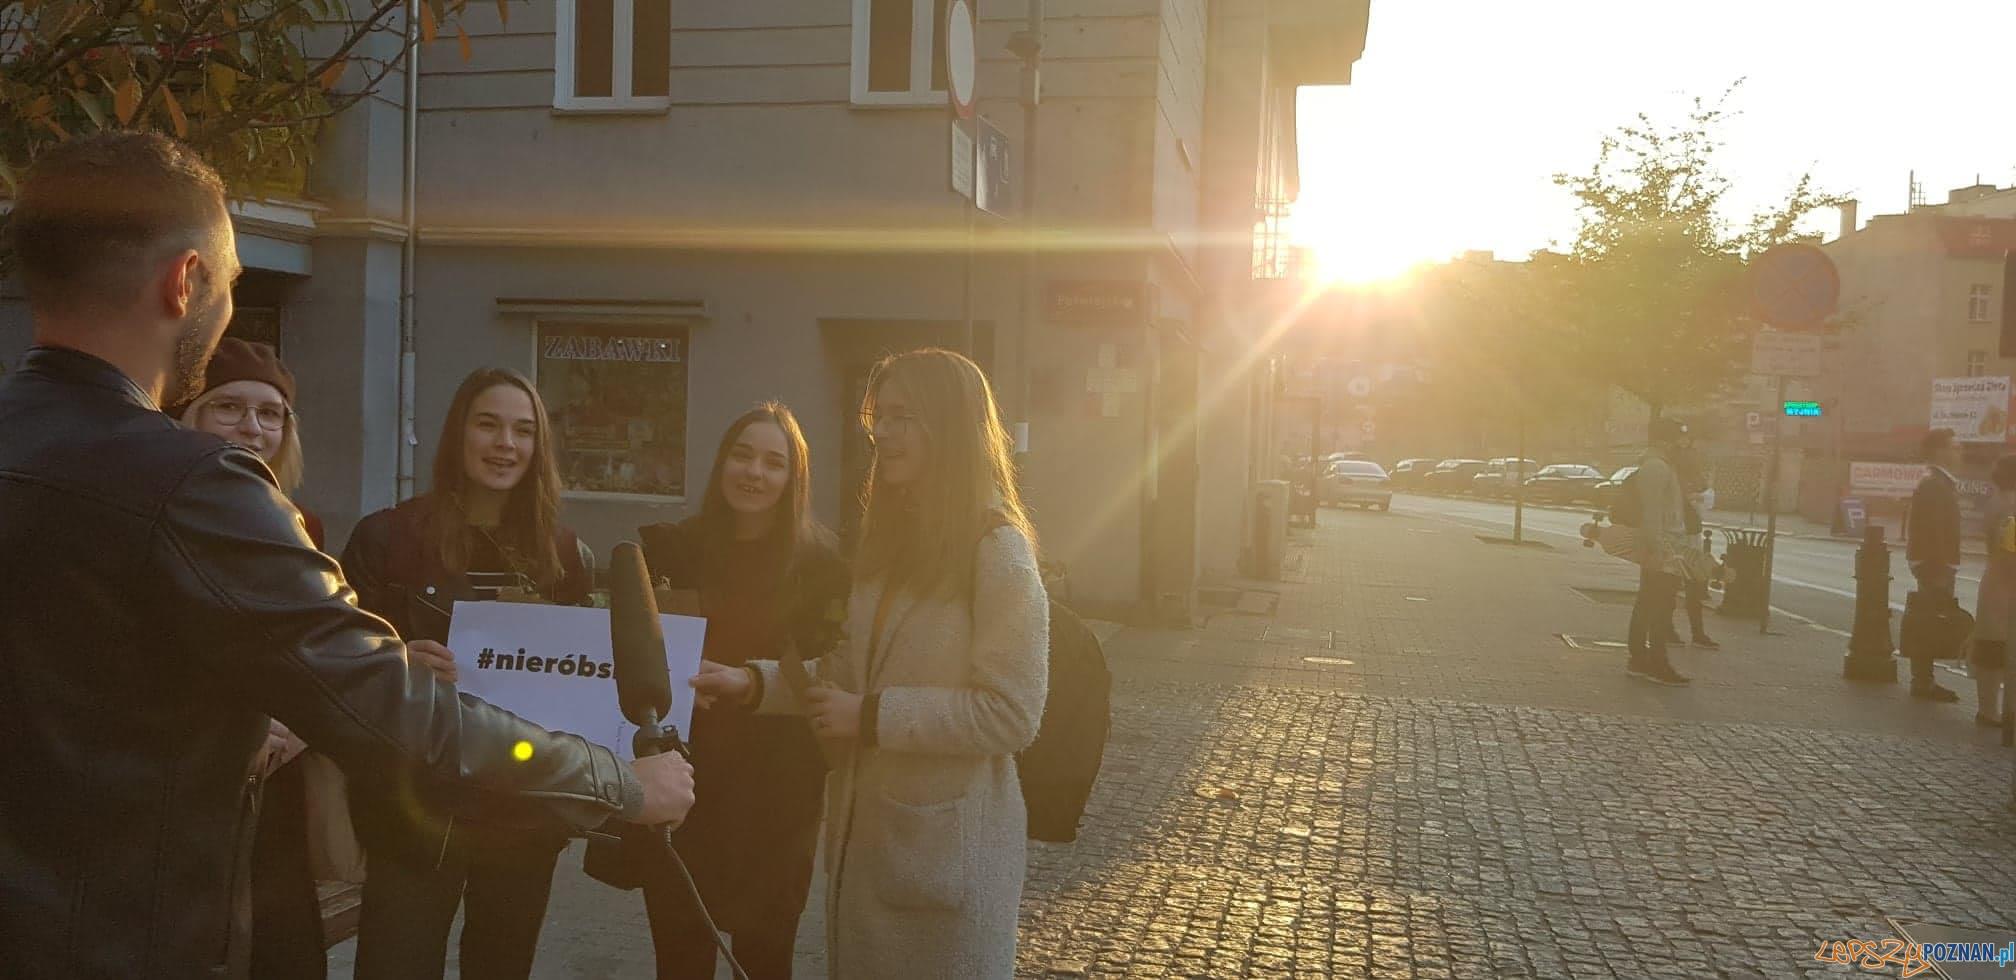 Czysty Poznań - kampania społeczna  Foto: materiały prasowe